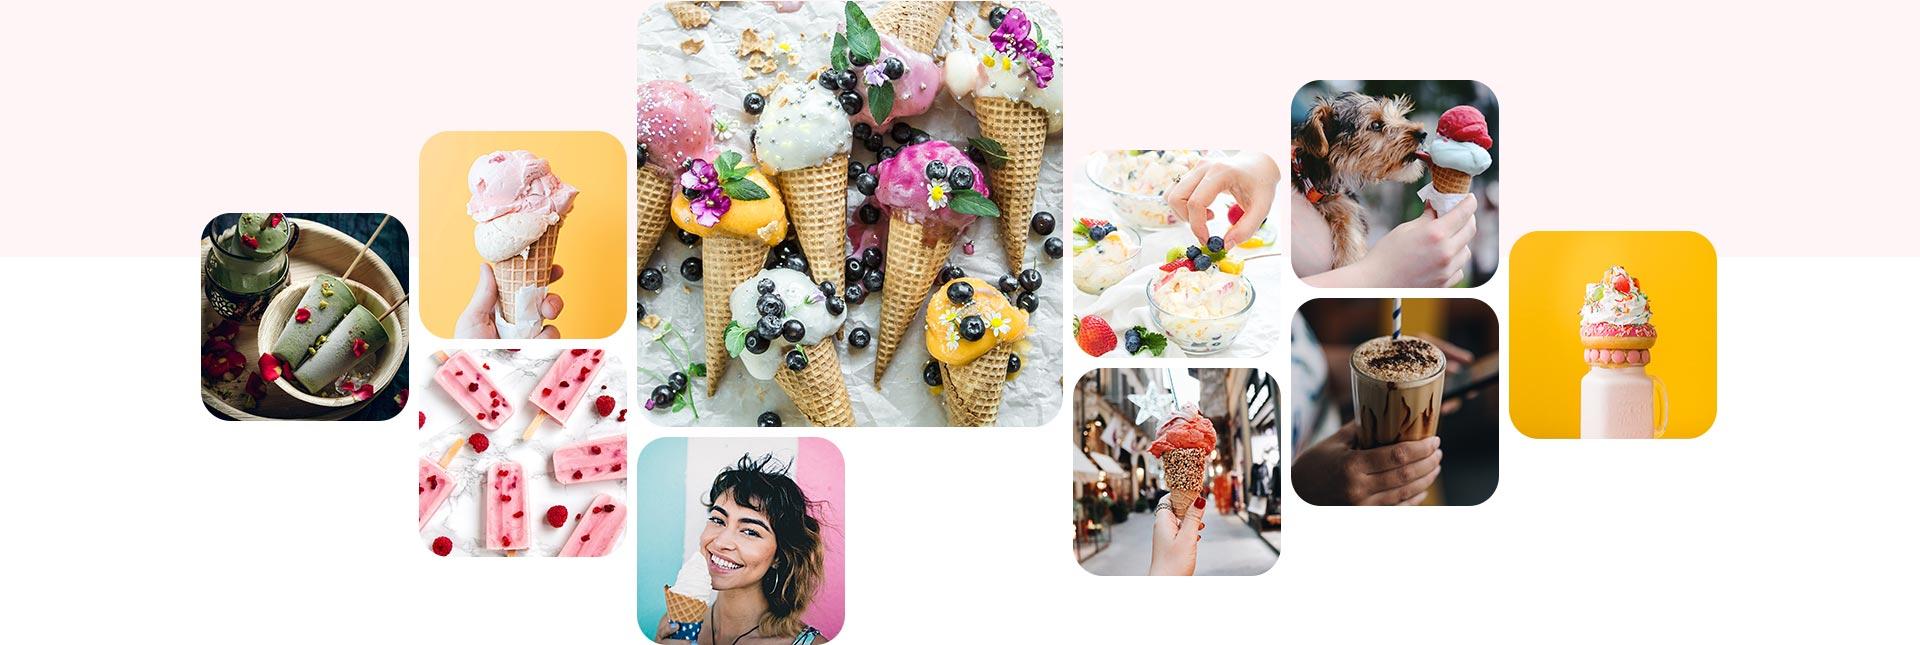 icecream2-home-pic5